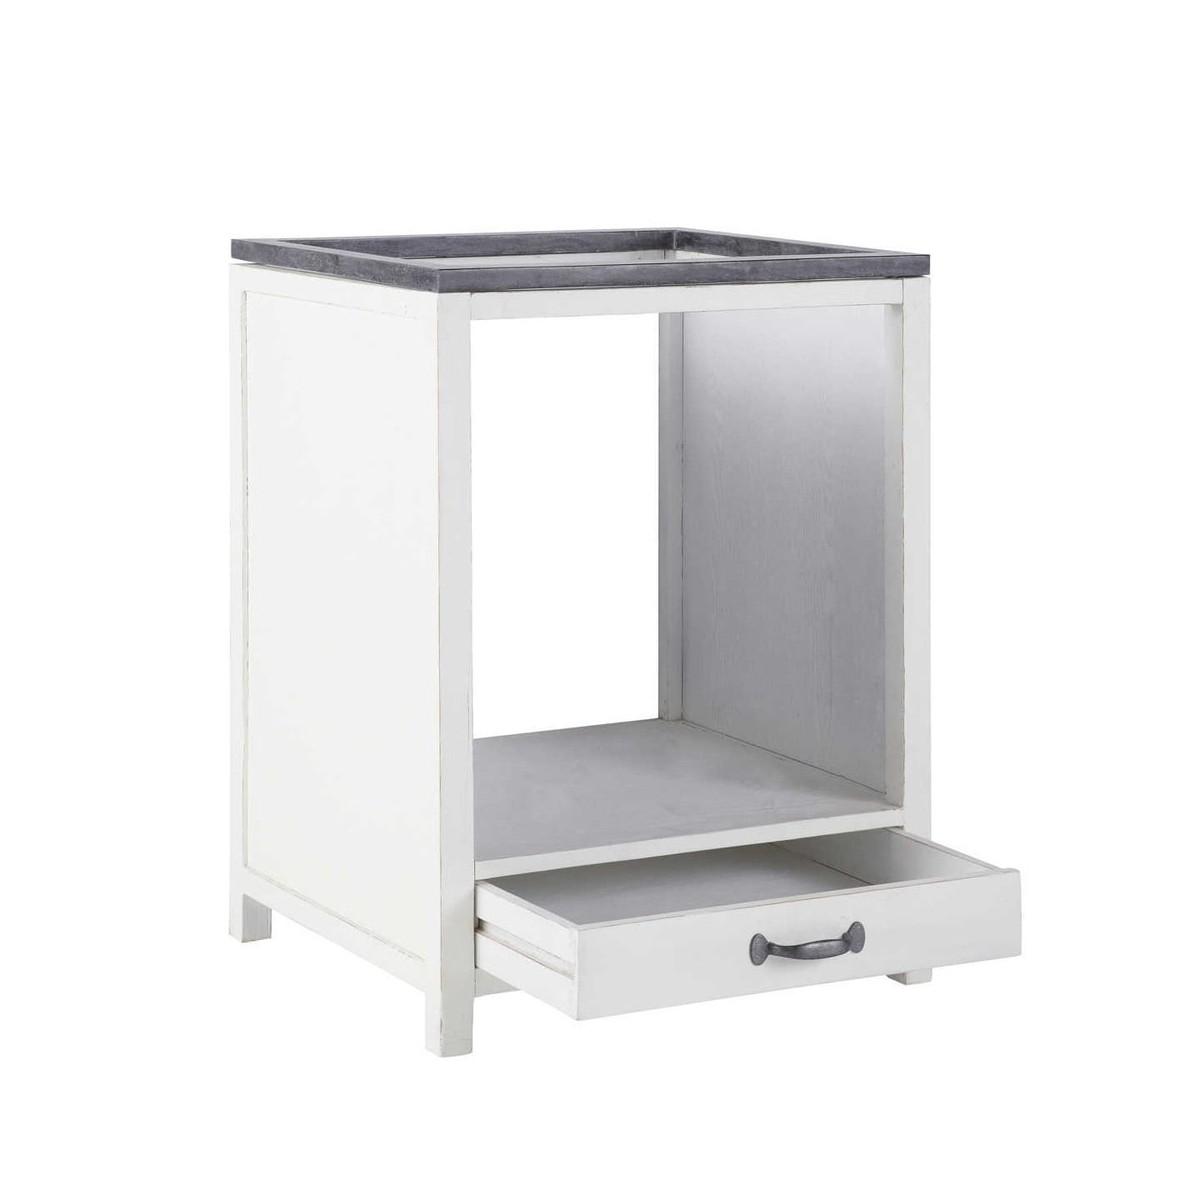 Finest meuble de cuisine maison du monde free meuble for Meuble zinc maison du monde